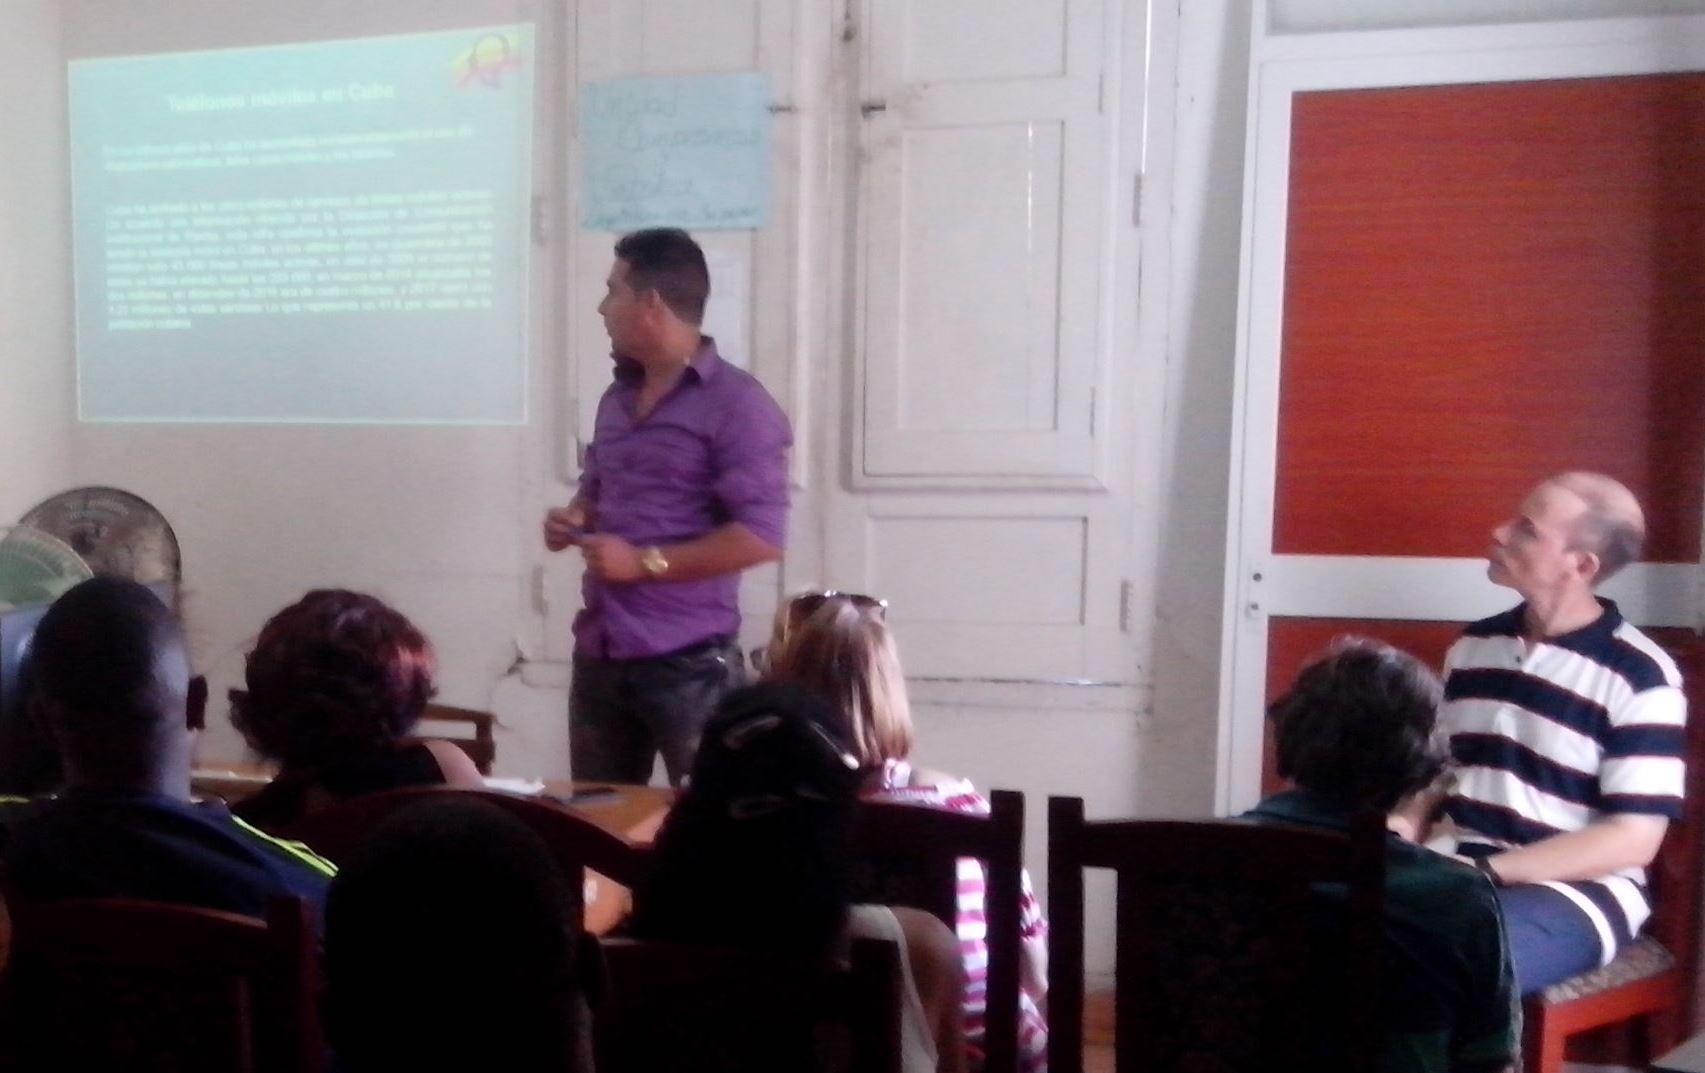 El joven investigador Javier Tamayo expone acerca de uno de los resultados del CLA